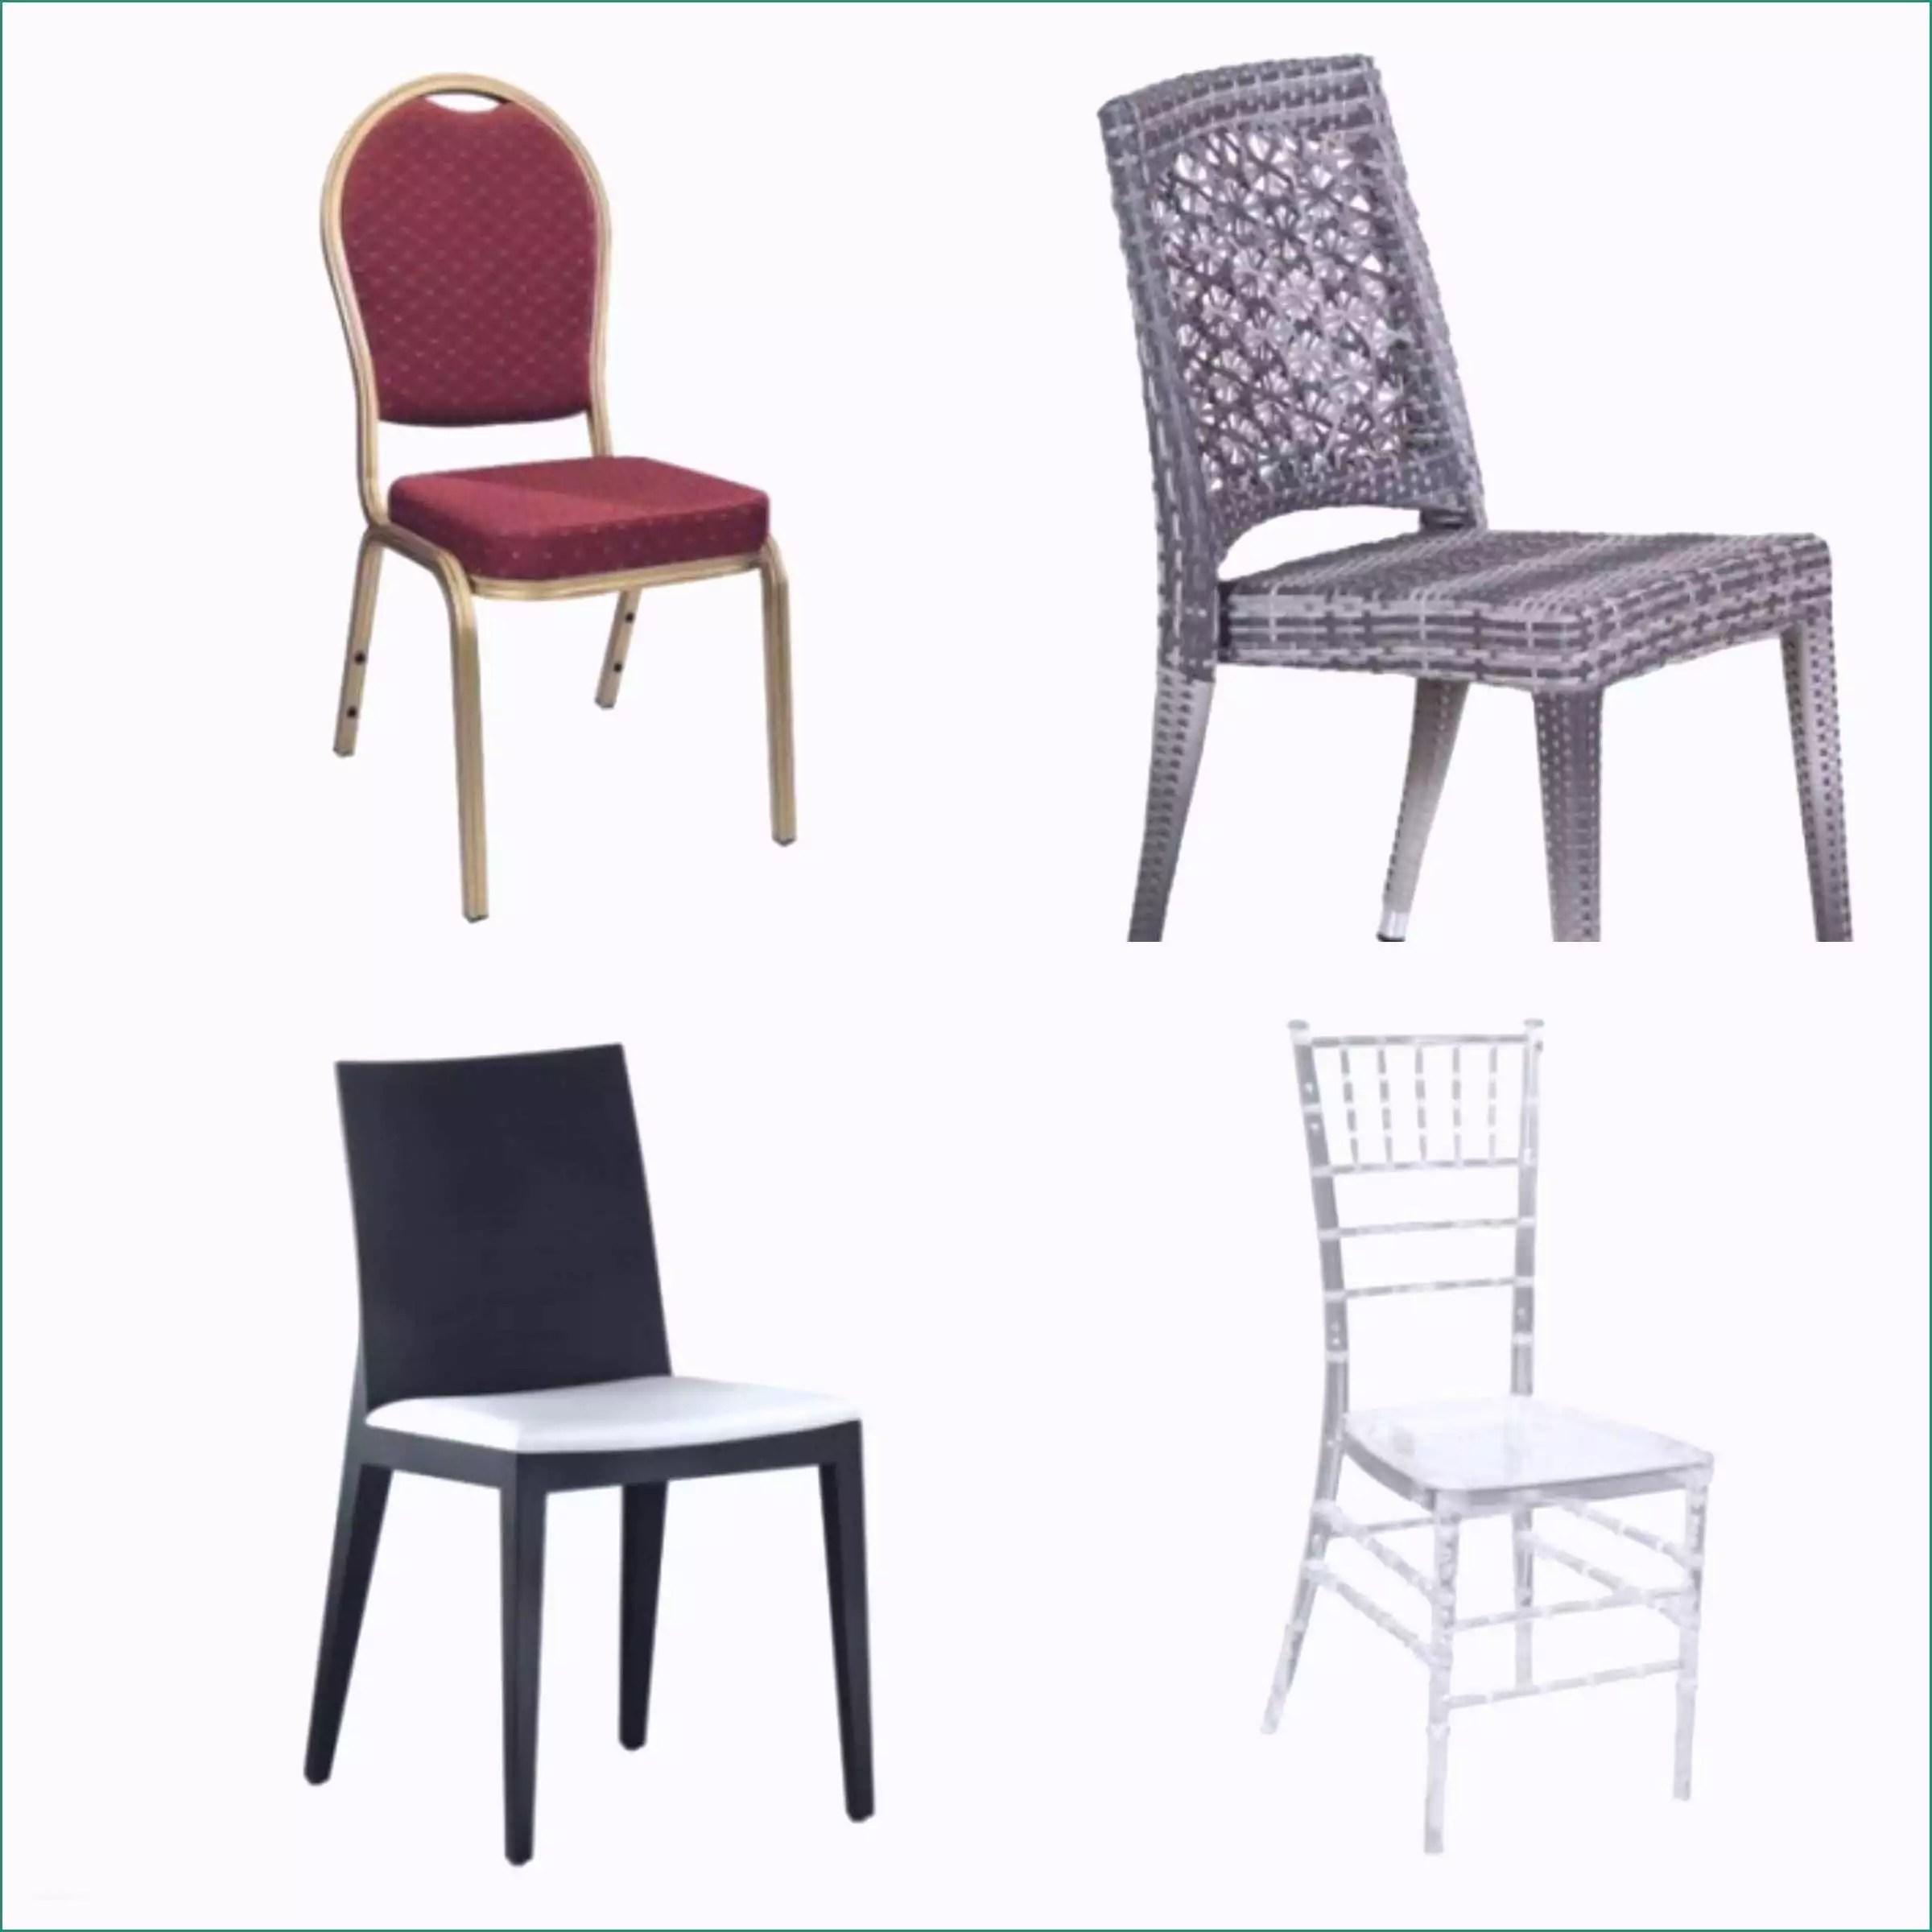 Sedie kartell usate sedie trasparenti in policarbonato dodgerelease